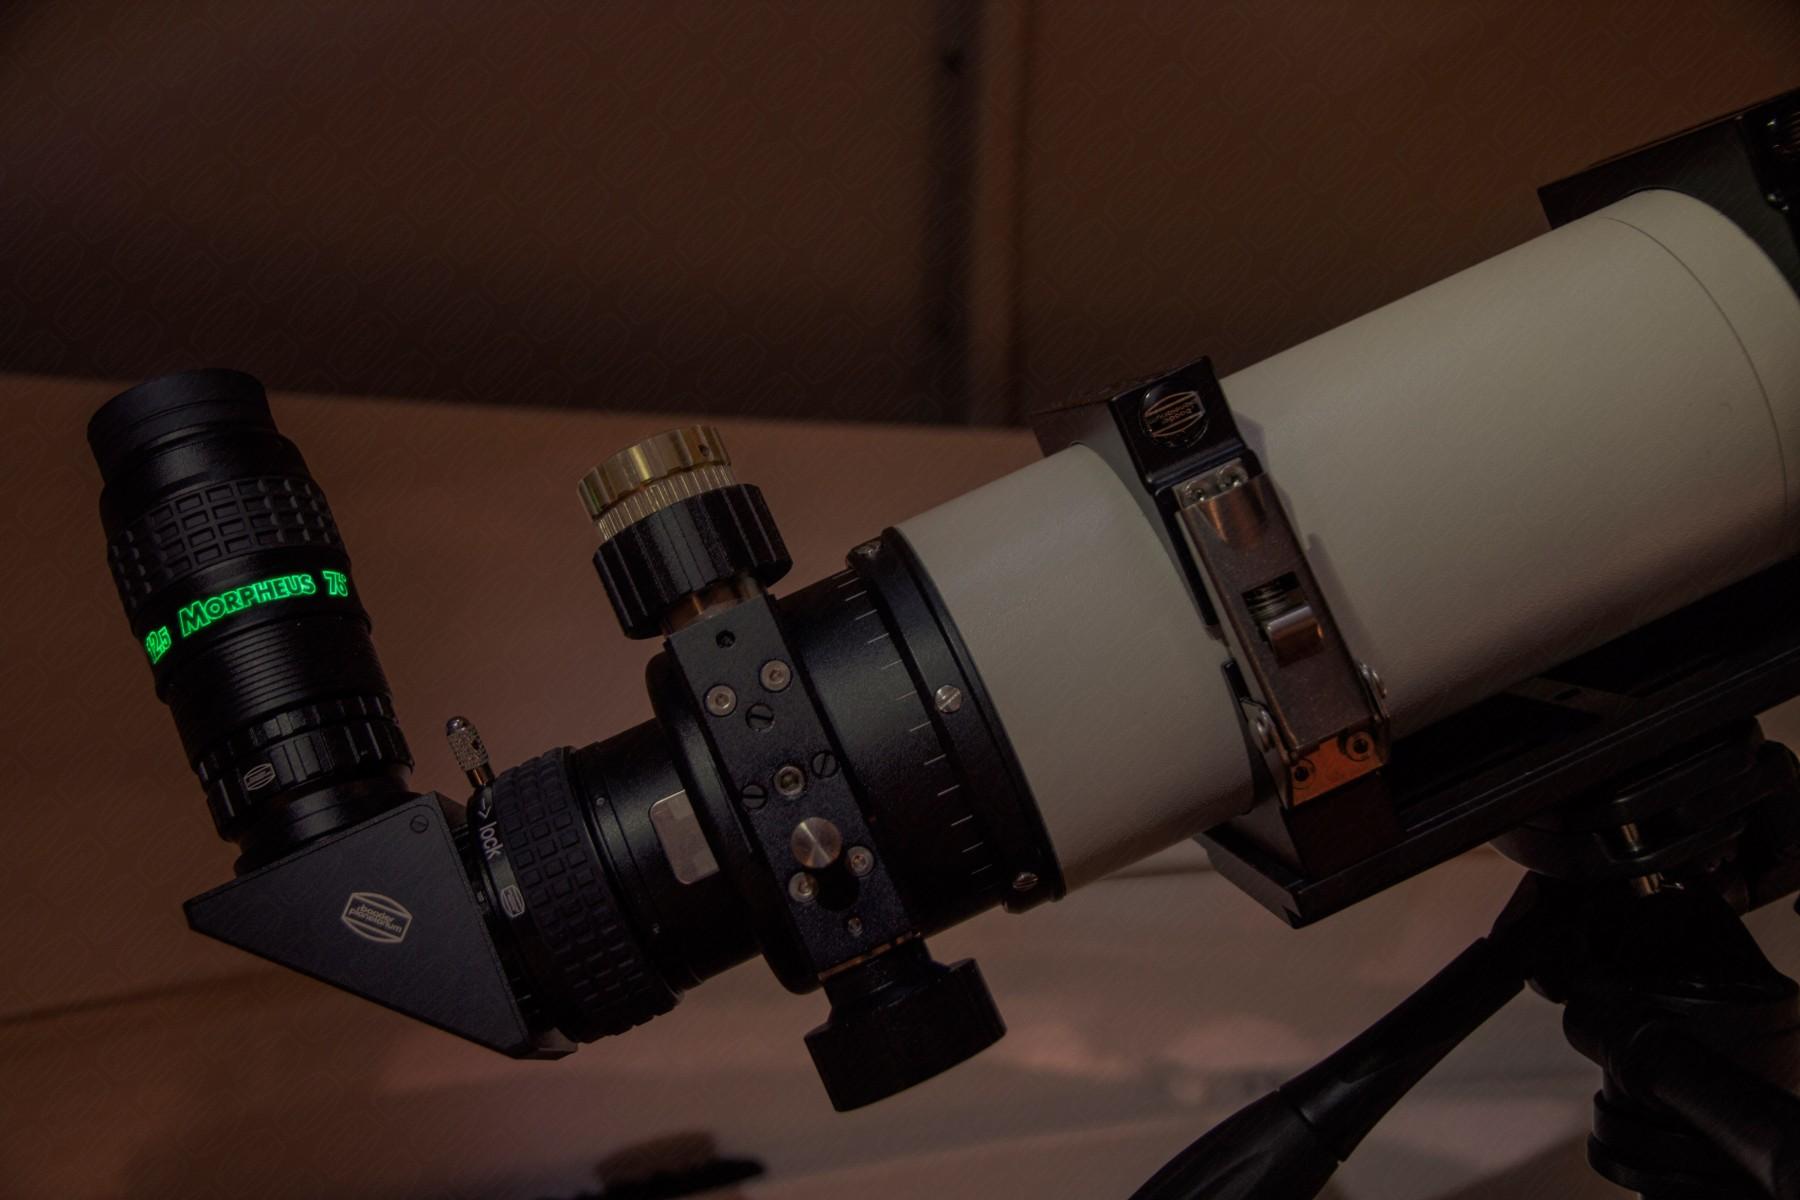 Anwendungsbild: Morpheus 76° mit intensiver lumineszenter Beschriftung